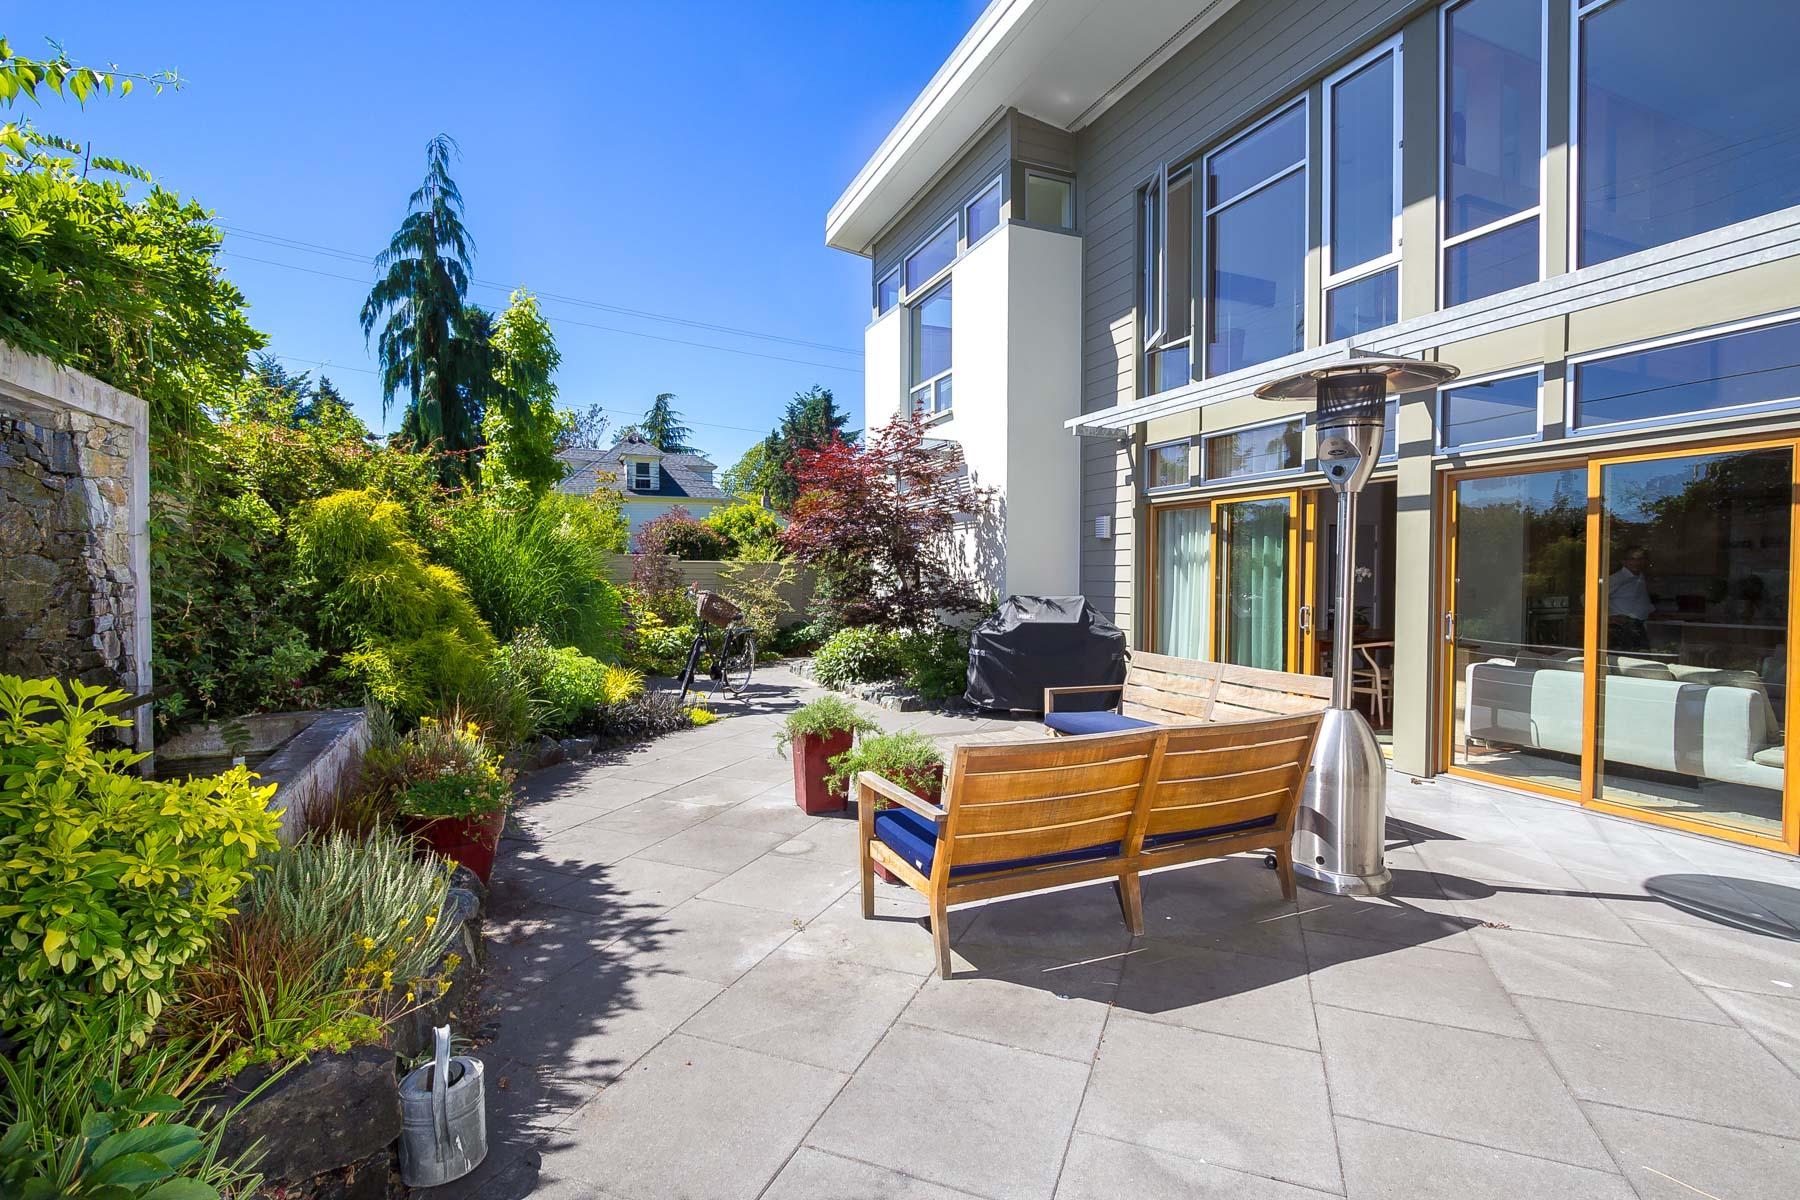 独户住宅 为 销售 在 Distinctly Modern Retreat 300 Parfitt Way SW 班布里奇岛, 华盛顿州, 98110 美国